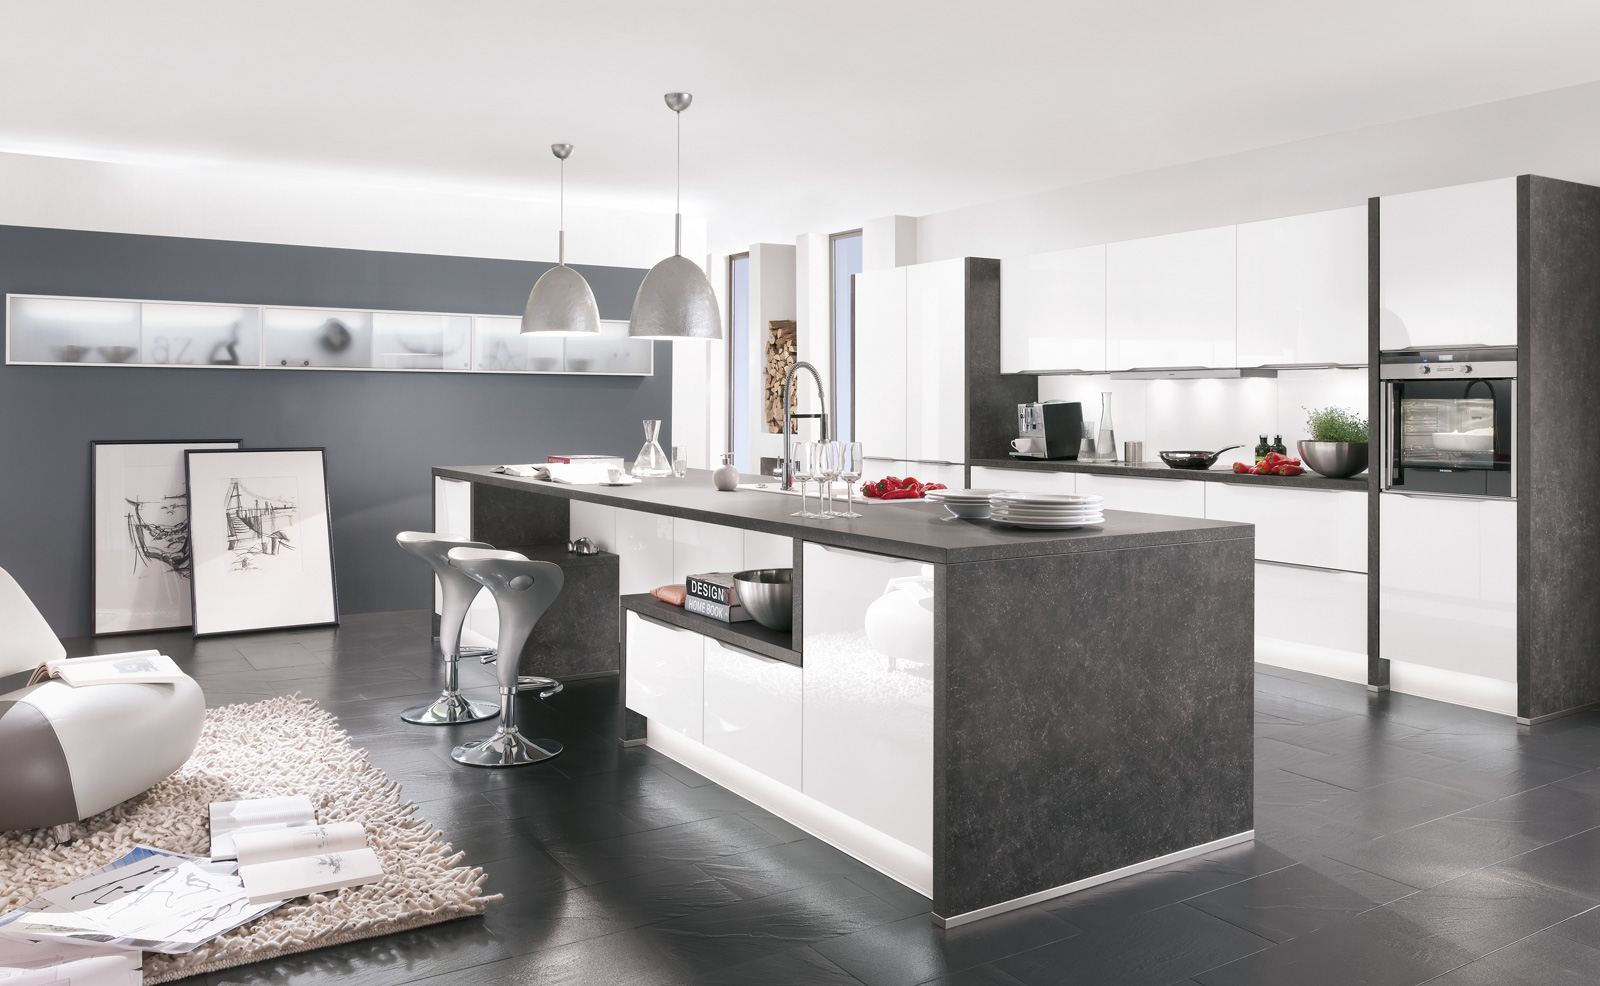 Küchenwelten - Insel-Küchen Silbernagel